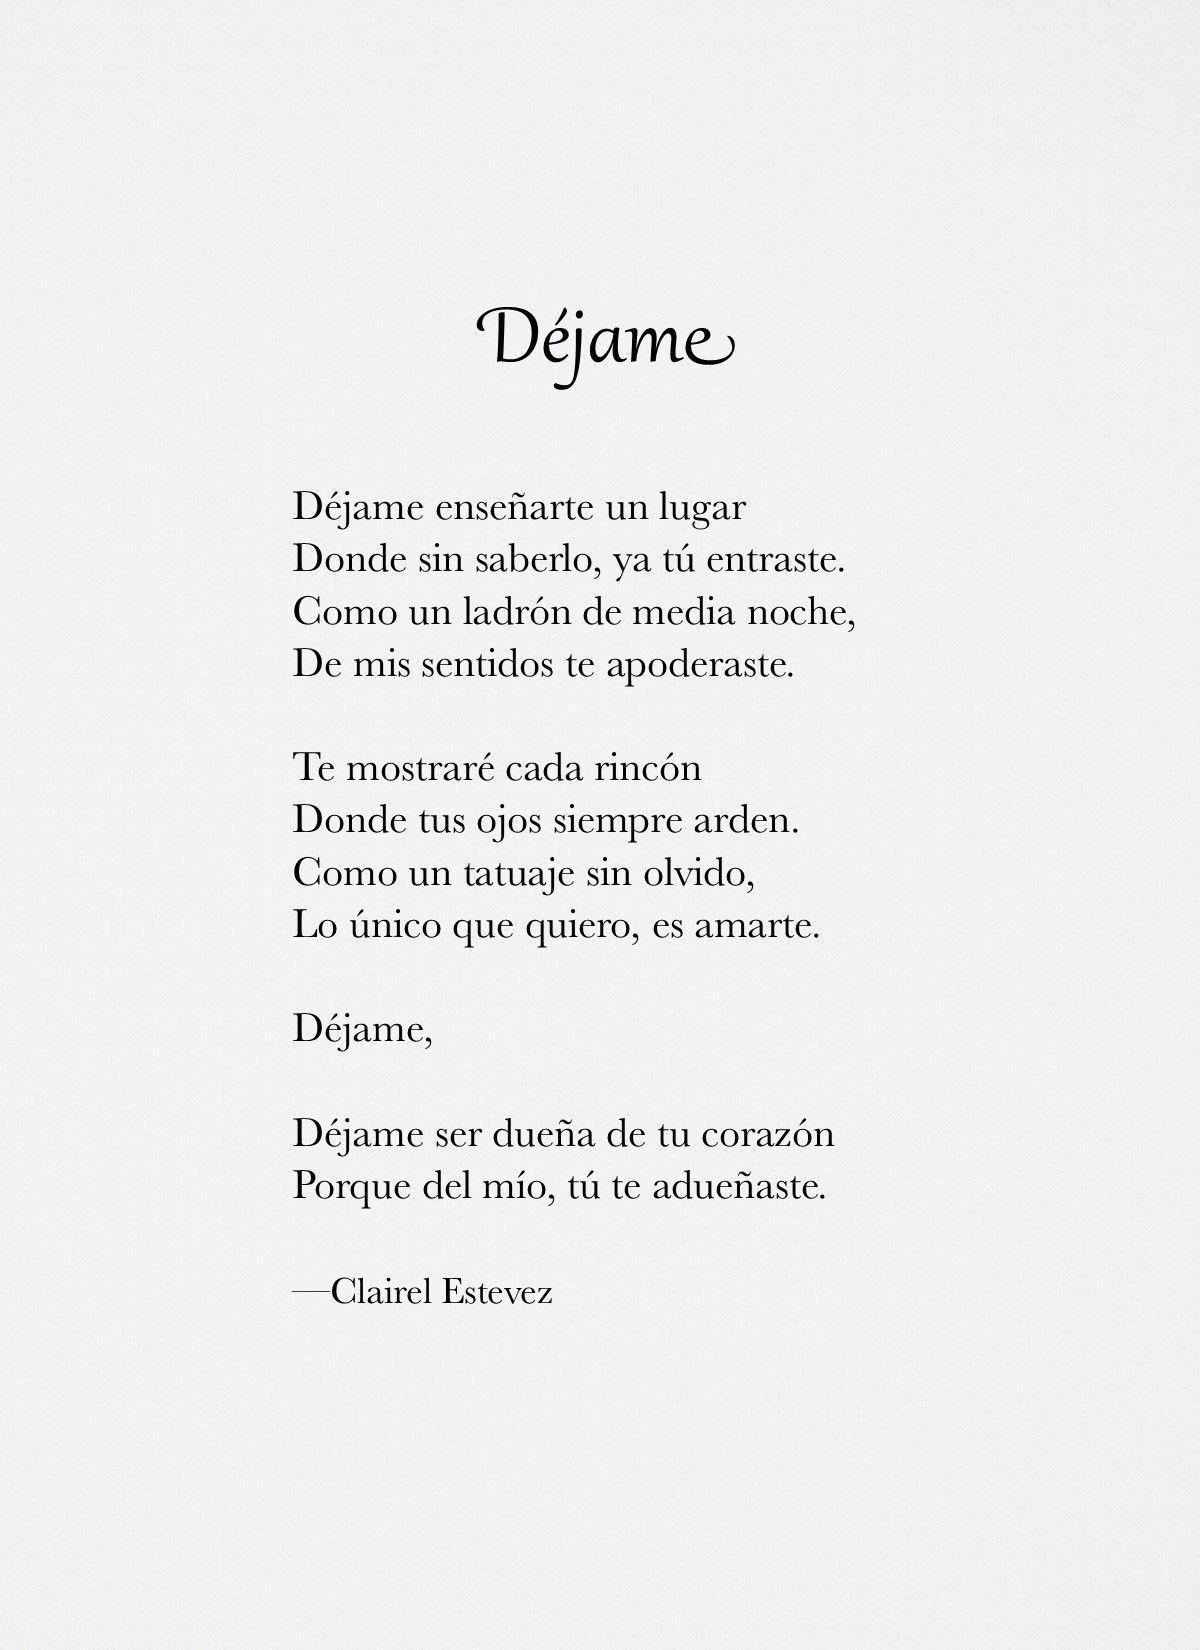 Sigue @clairelestevez en Instagram ┄⊱♡⊰ Dejame ⊱♡⊰┄ Poemas, Poesías, Palabras, Letras, Escritos, Vida, Amor, Poemas de amor, Frases de amor